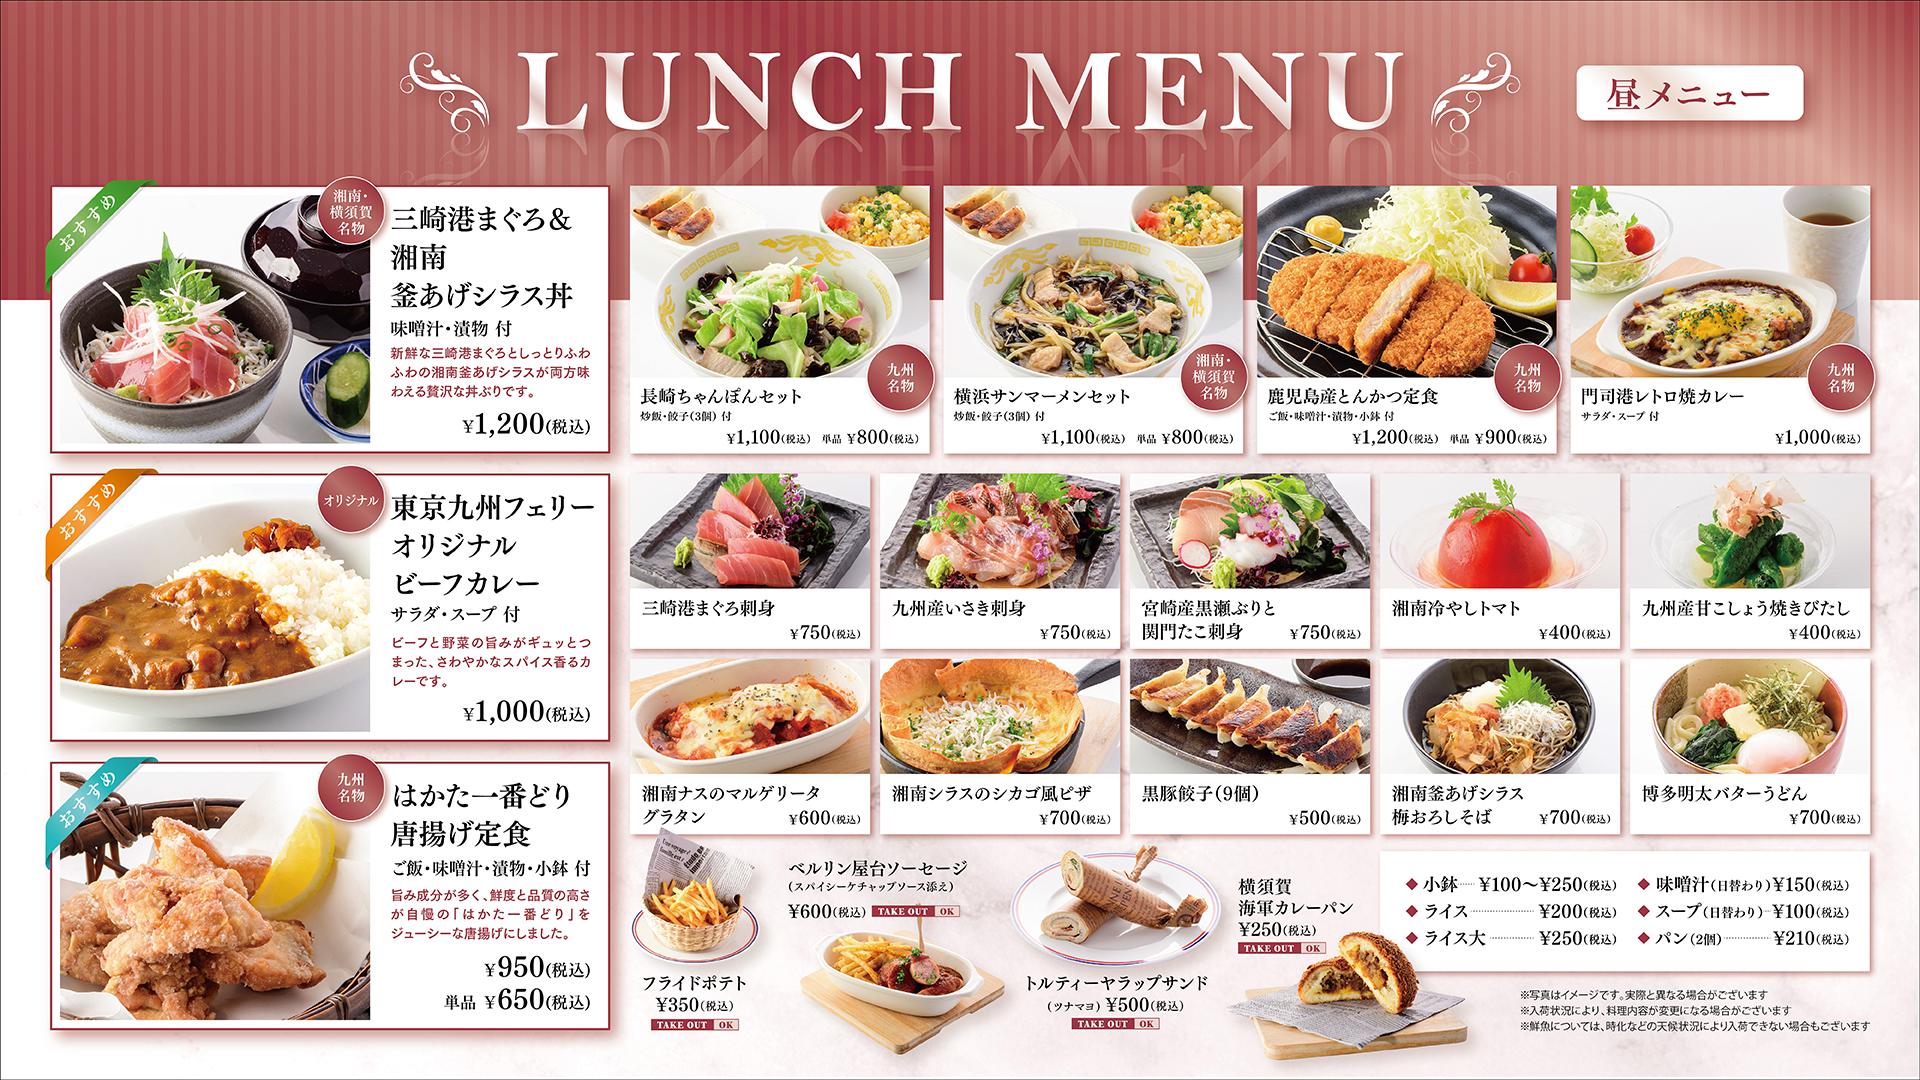 昼食<br /> -LUNCH-